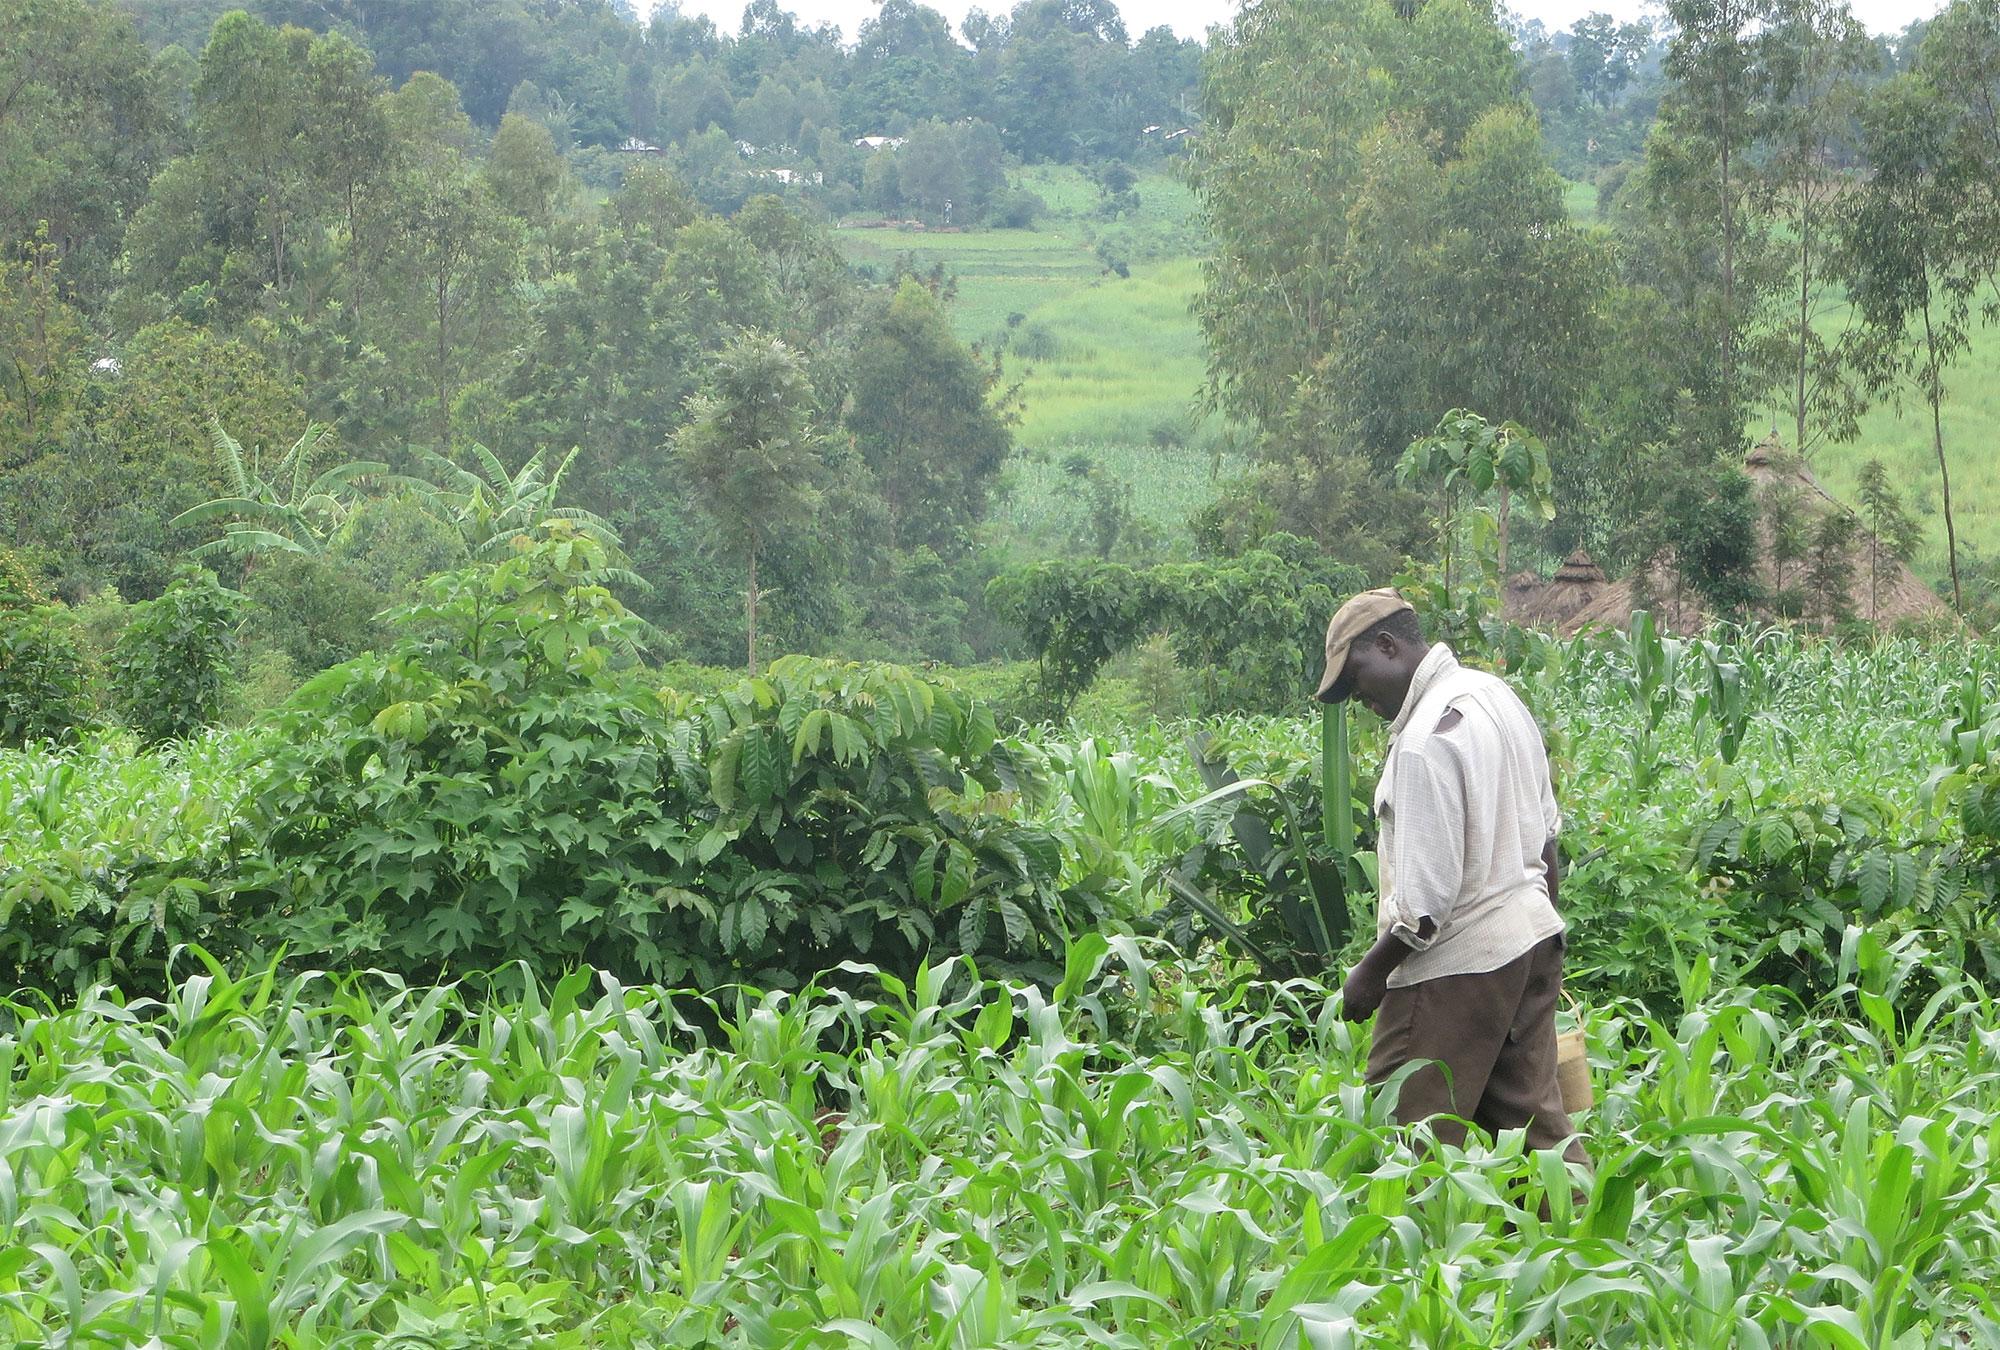 Man walking in corn field